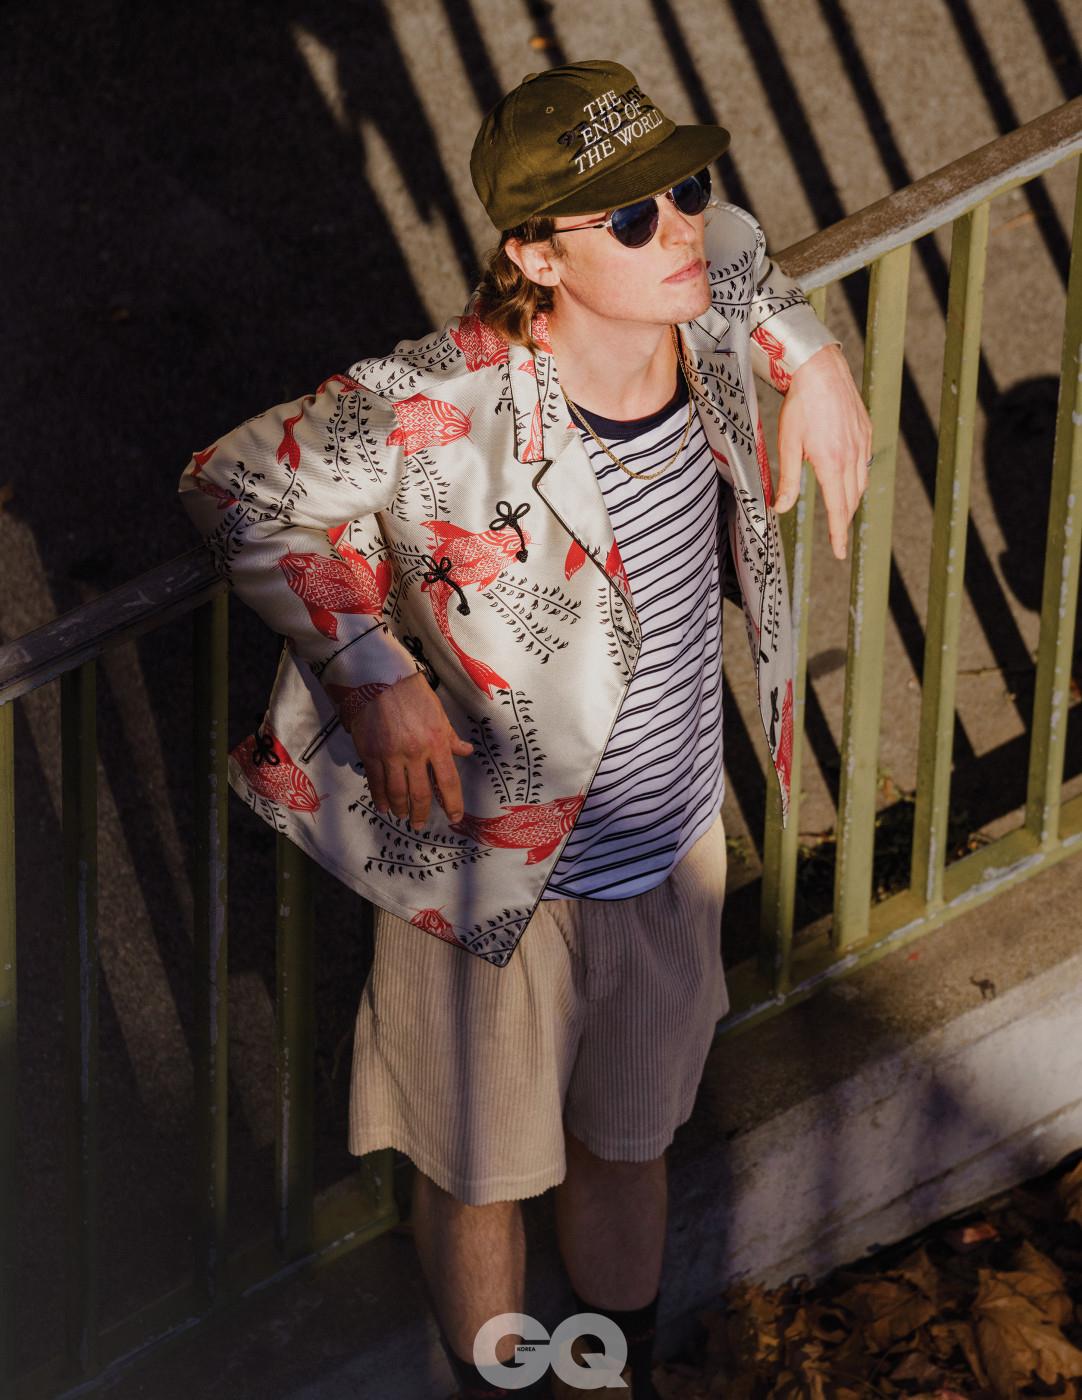 실크 재킷 가격 미정, 엠포리오 아르마니. 티셔츠 가격 미정, 휴고 보스. 쇼츠 가격 미정, 살바토레 페라가모. 선글라스 가격 미정, 페르솔. 모자는 모델의 것.